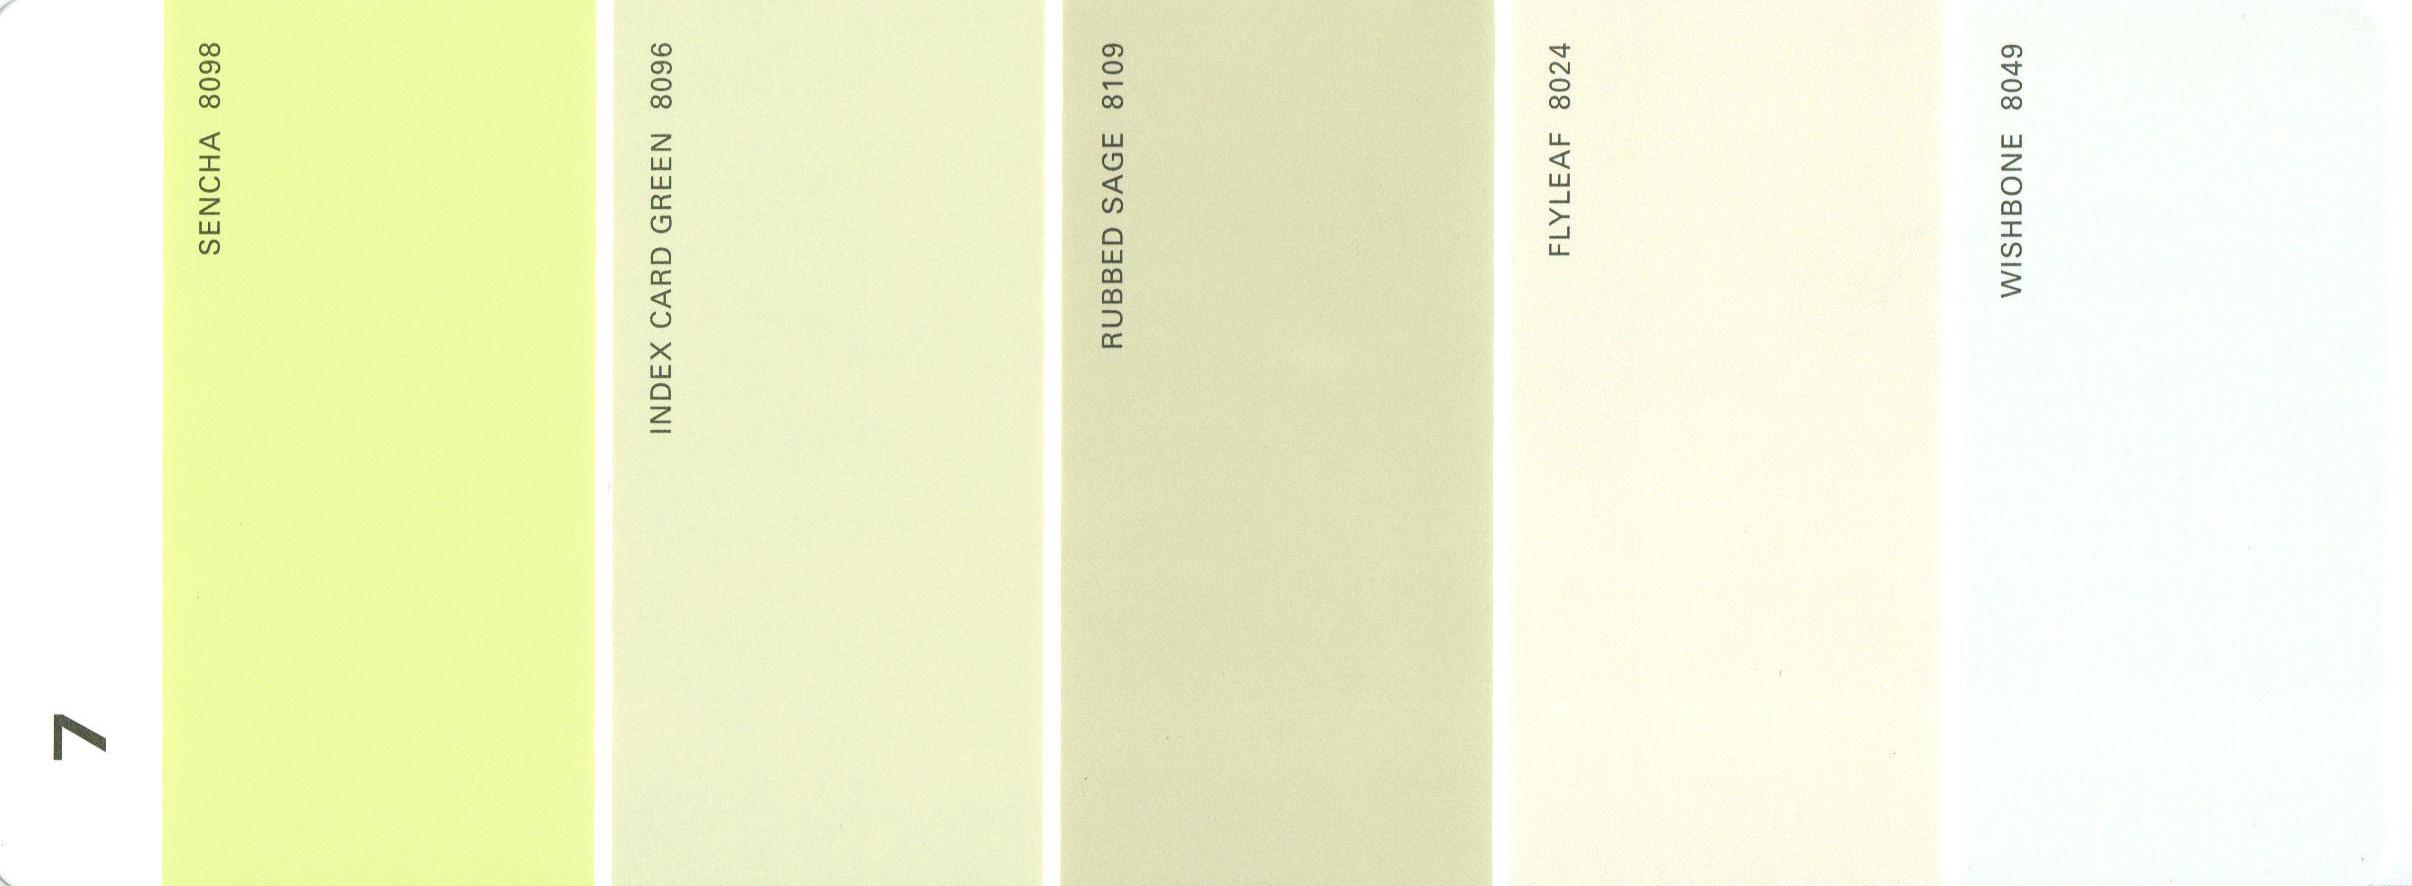 Martha stewart paint 5 color palette card 07 for Paint color palette